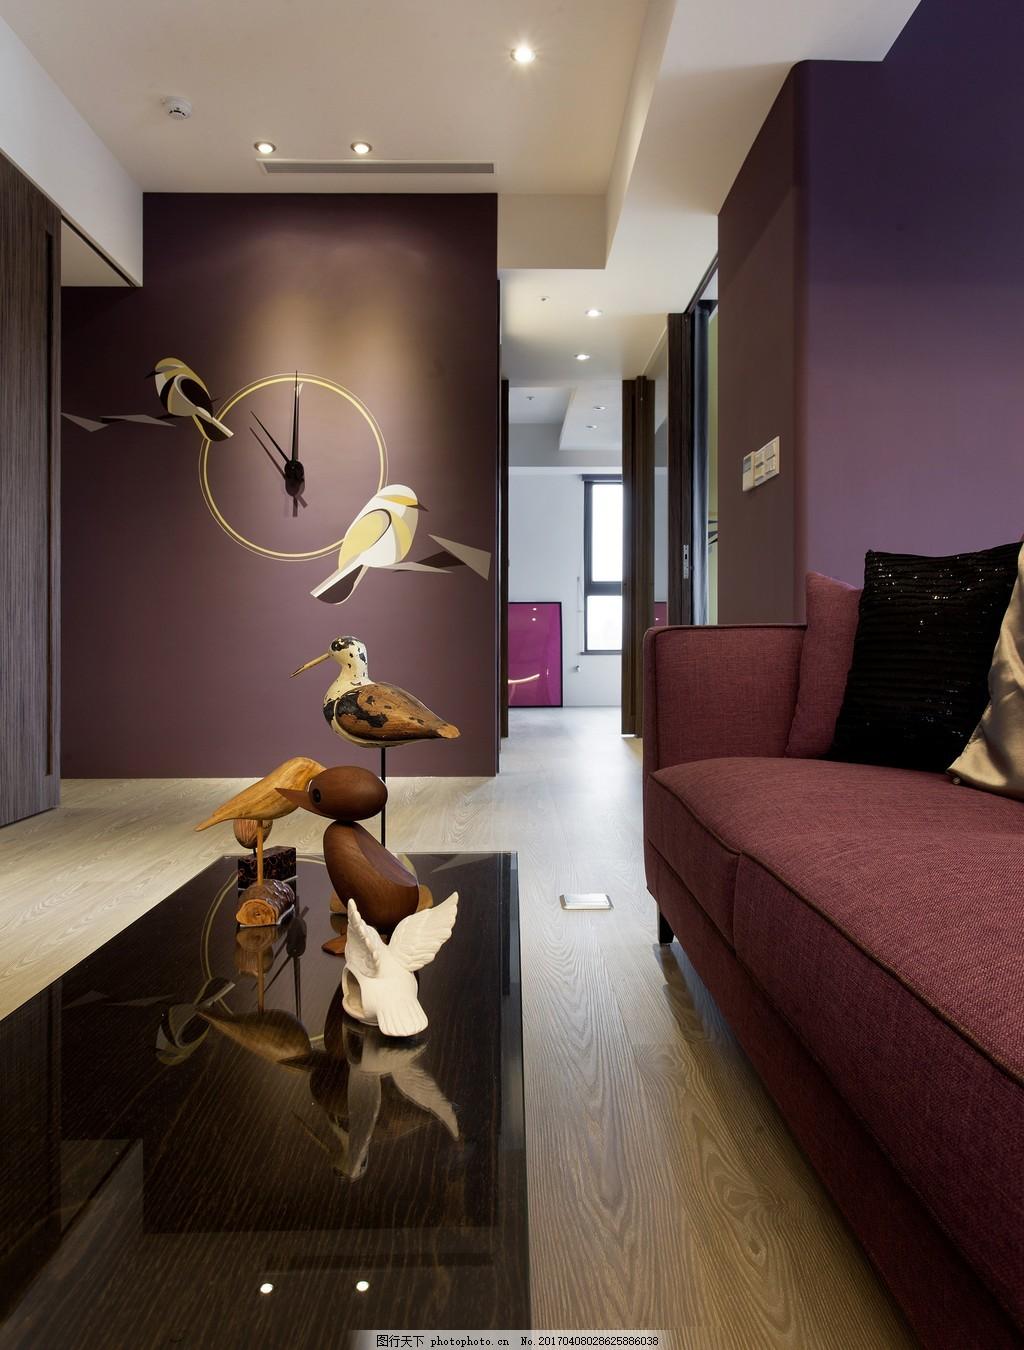 港式时尚客厅茶几背景墙设计图图片